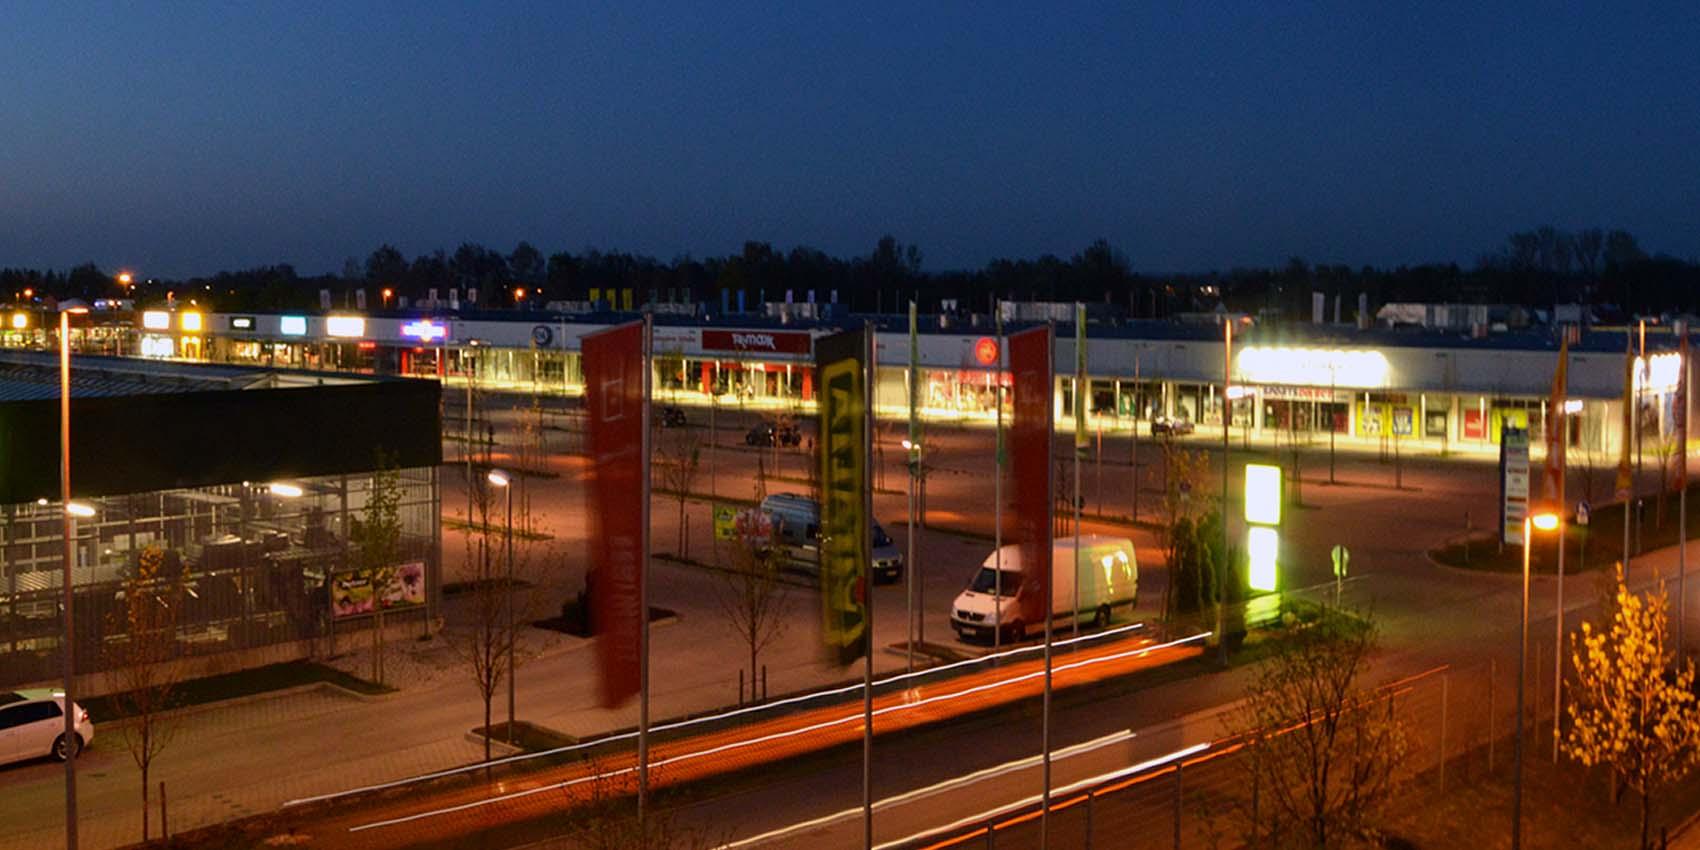 Wilhelm & Scharl Gewerbegrund GmbH